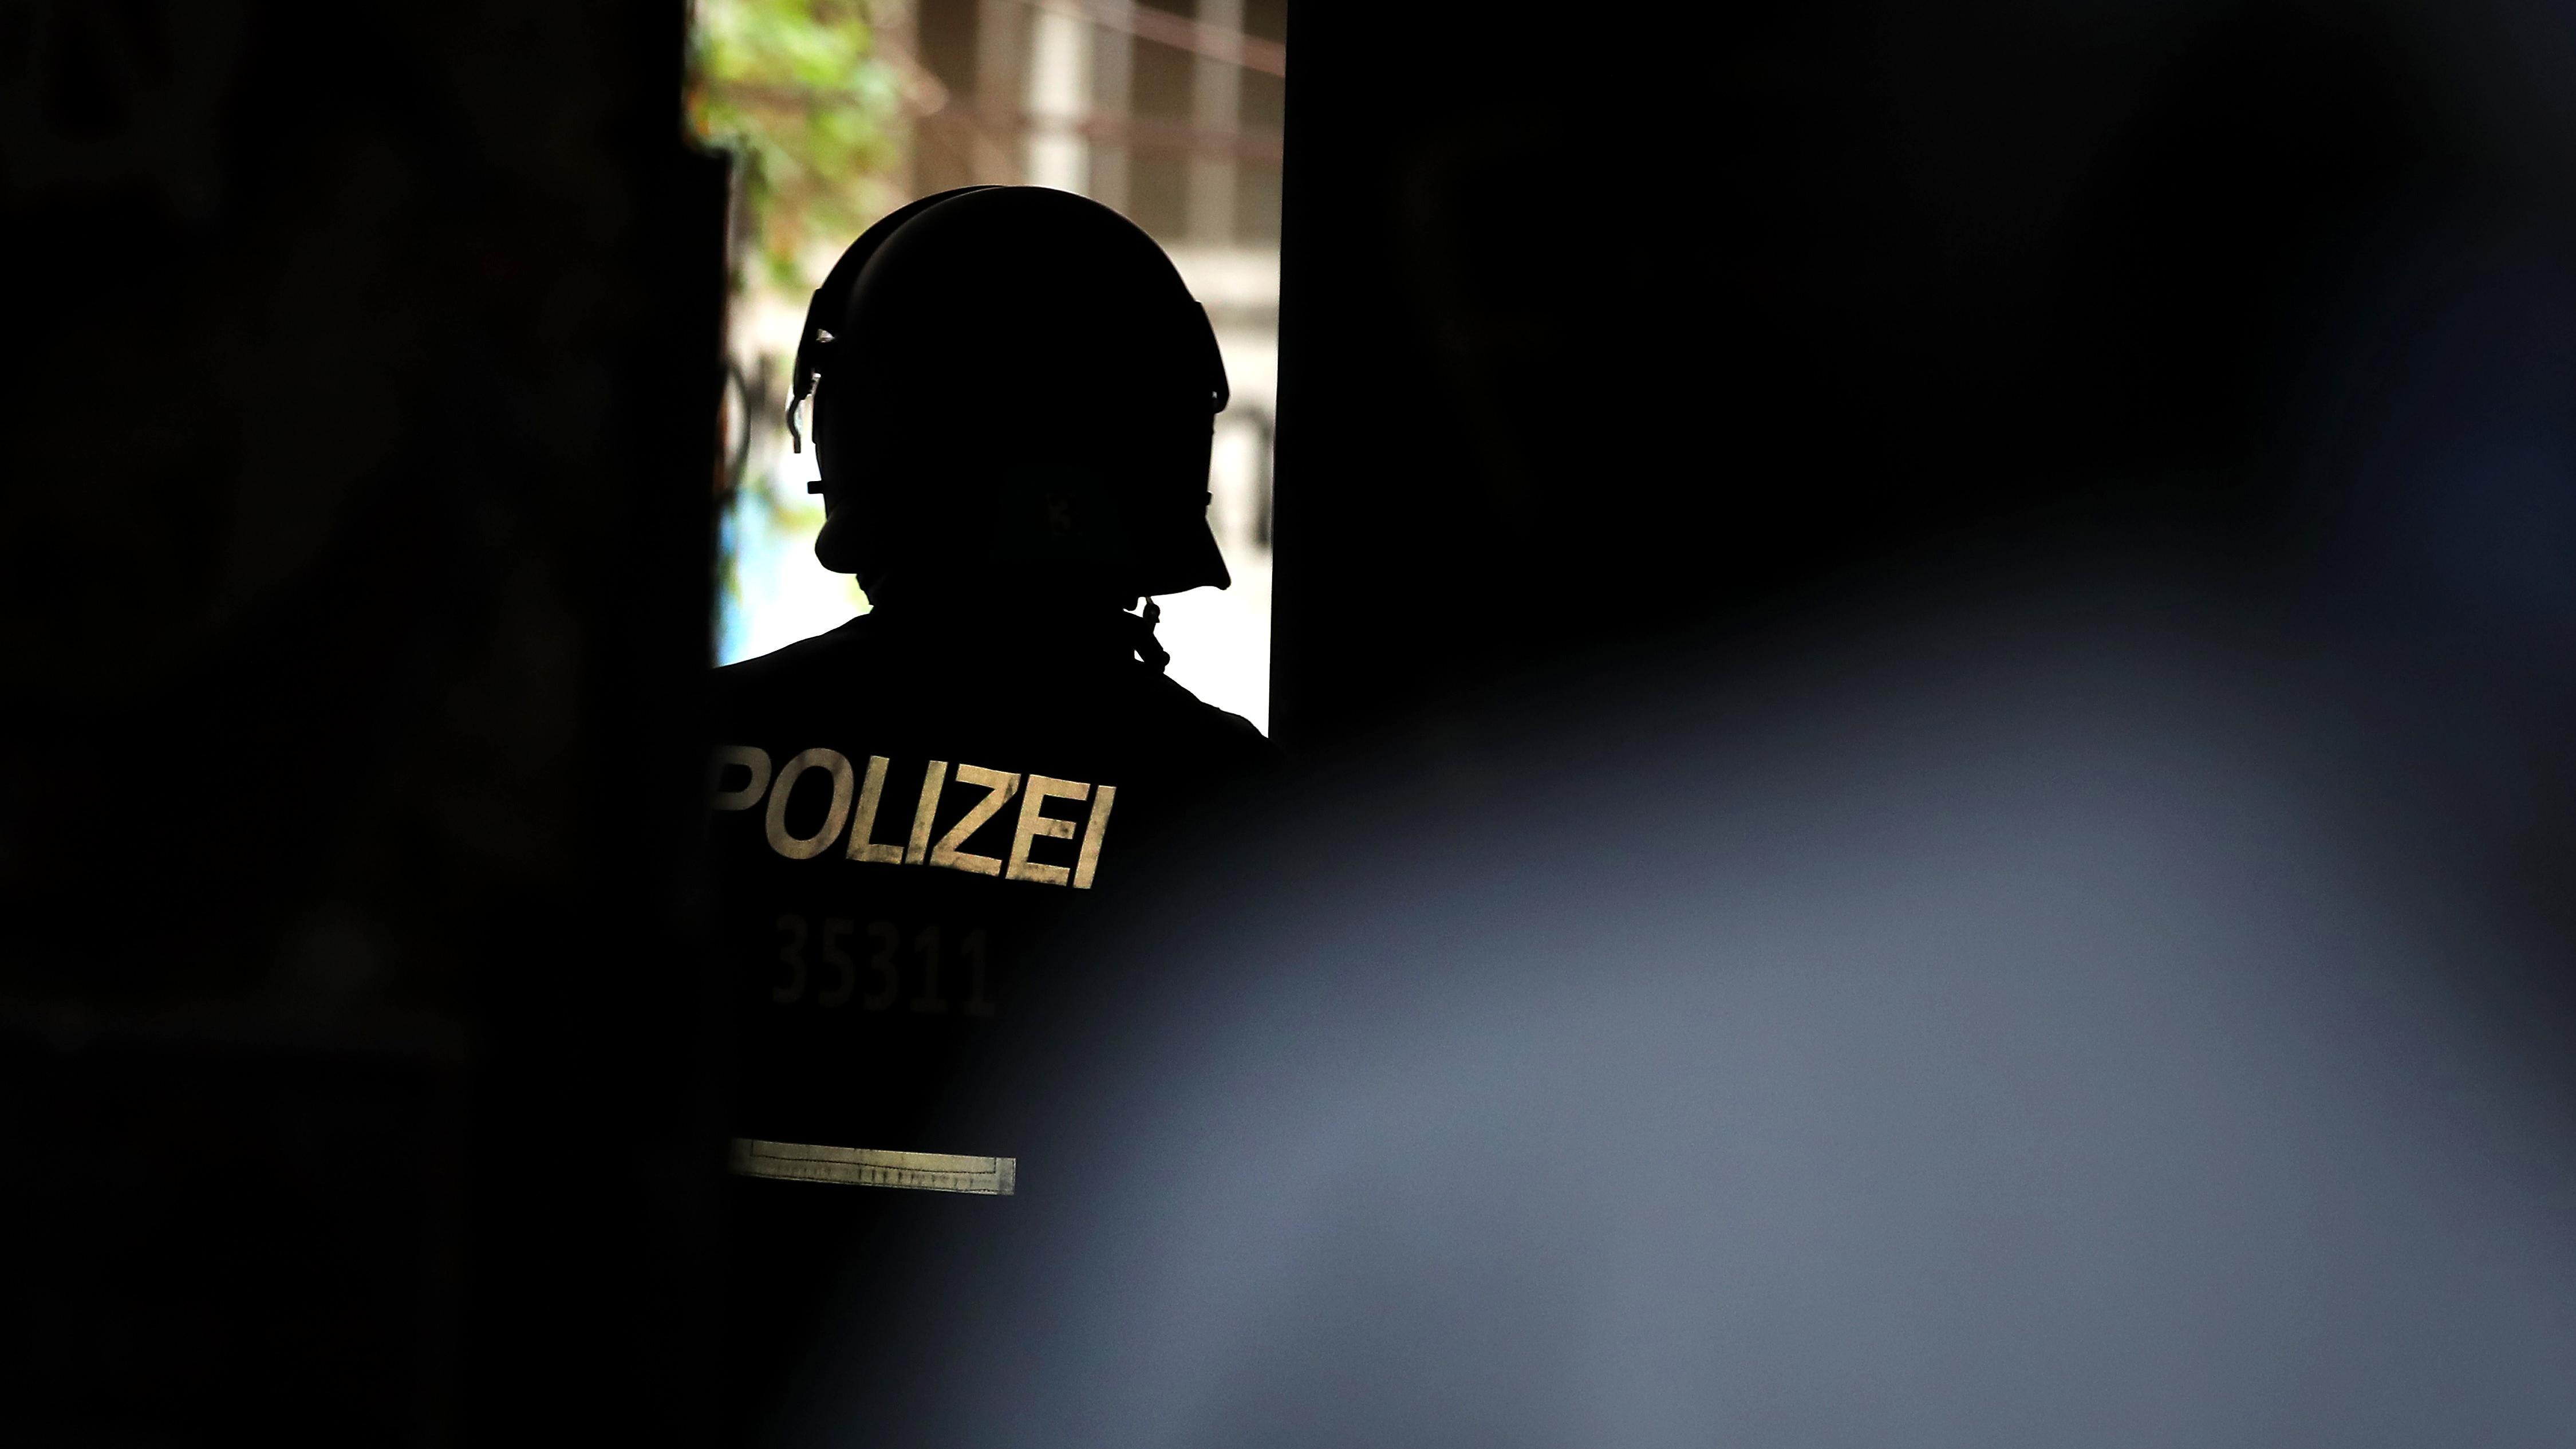 Berlin will Präsenz der Polizei erhöhen